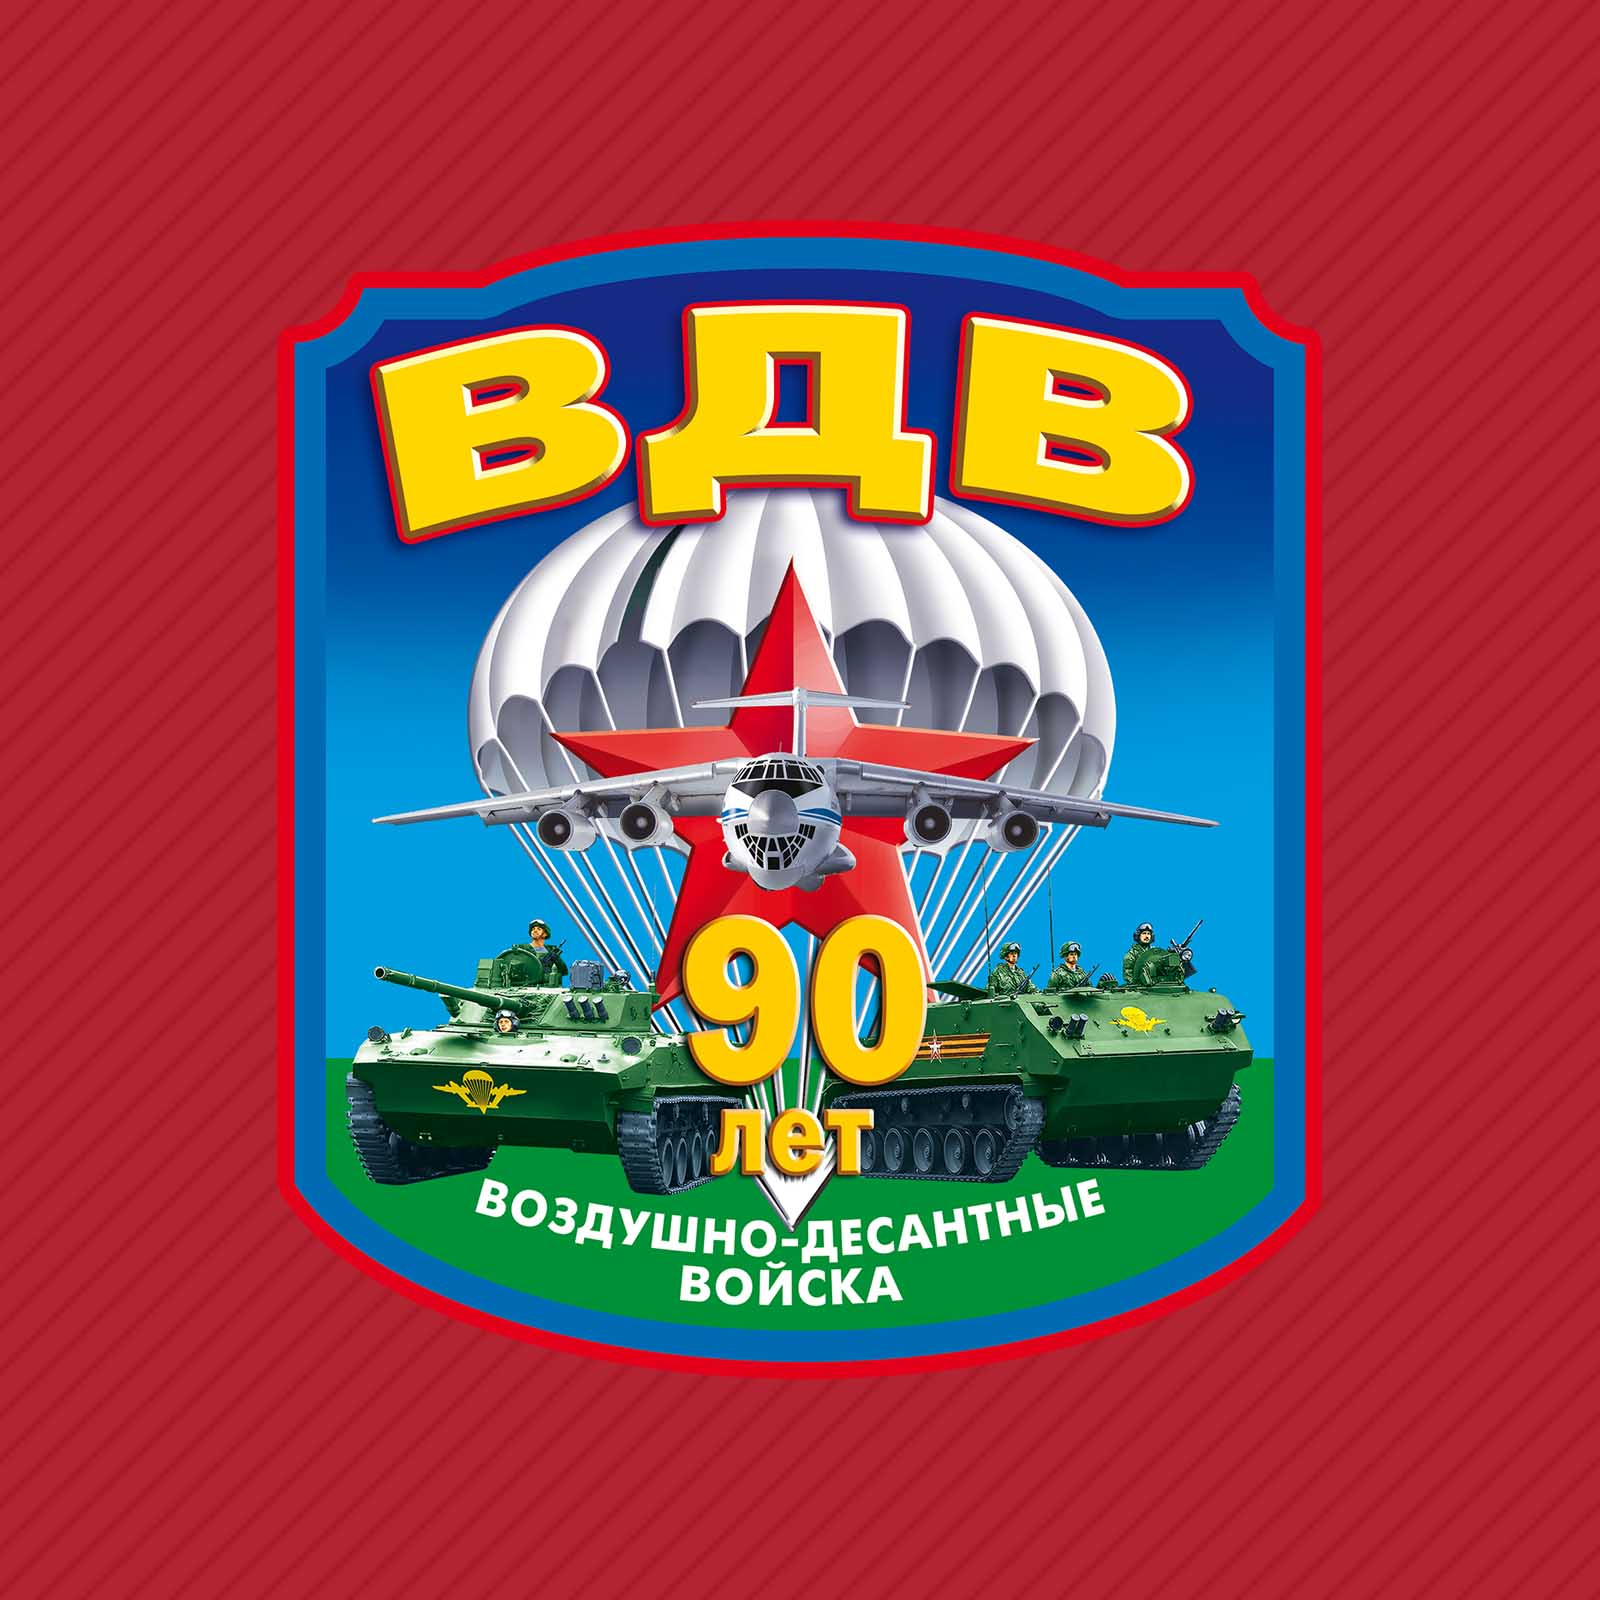 Красная бейсболка с термотрансфером ВДВ 90 лет